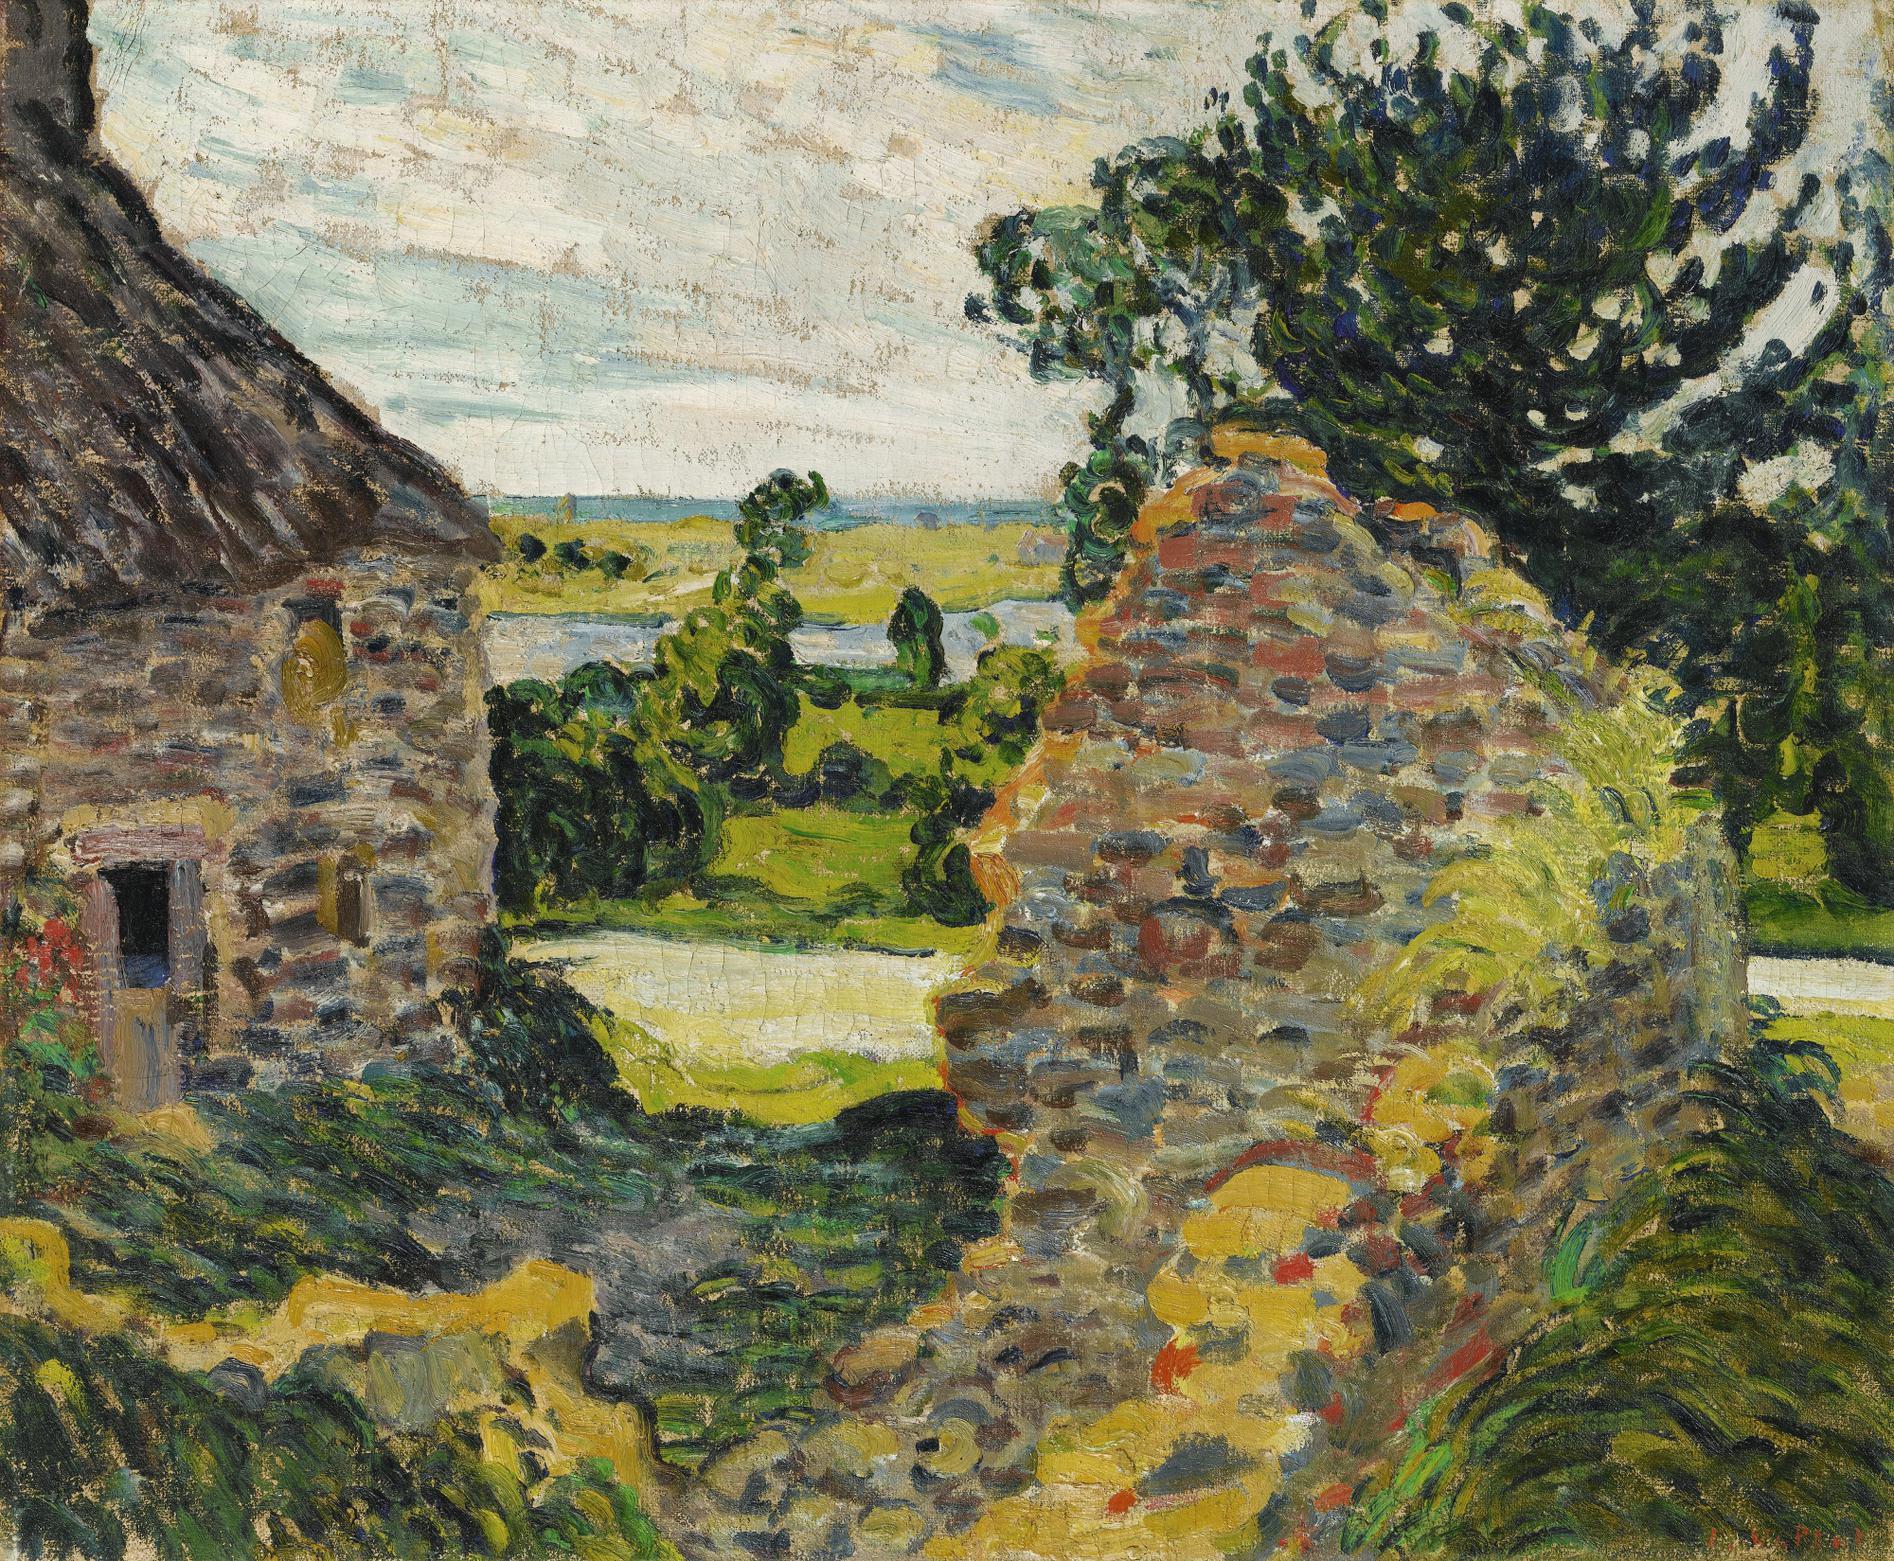 Louis Valtat-Paysage Avec Chaumiere, Normandie-1902